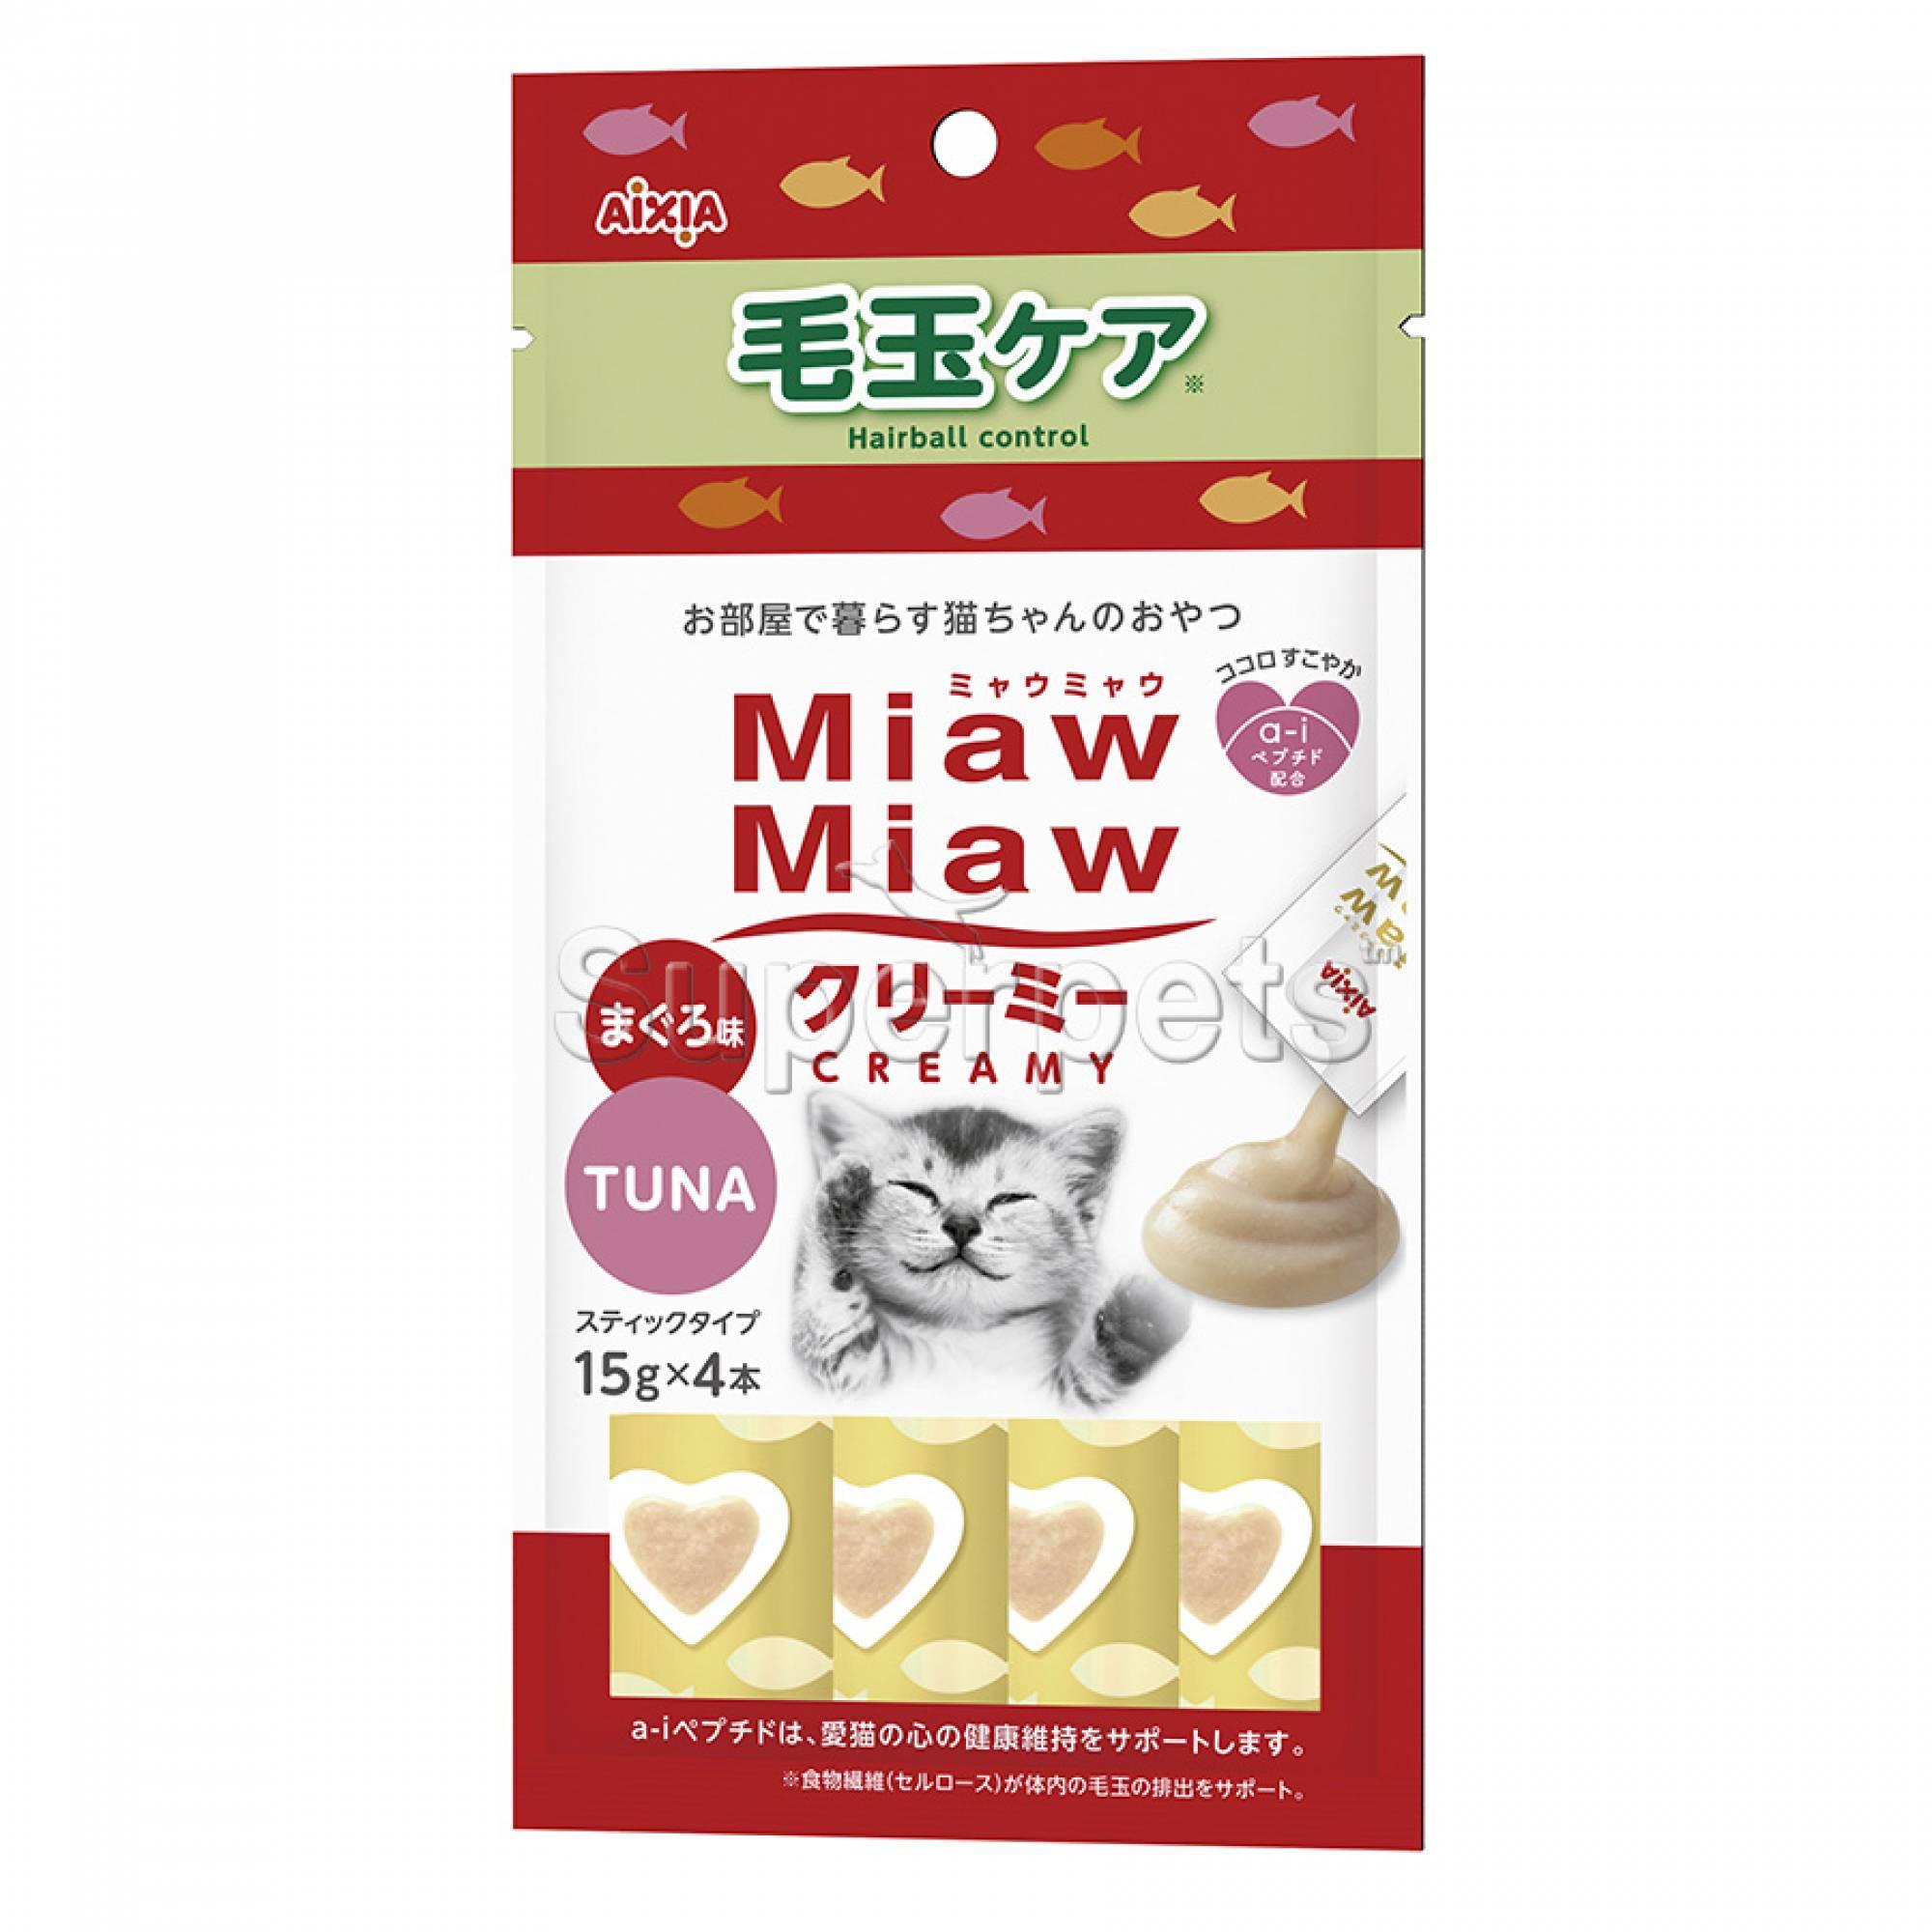 Aixia Miaw Miaw Creamy - Hairball Control 15g x 4pcs